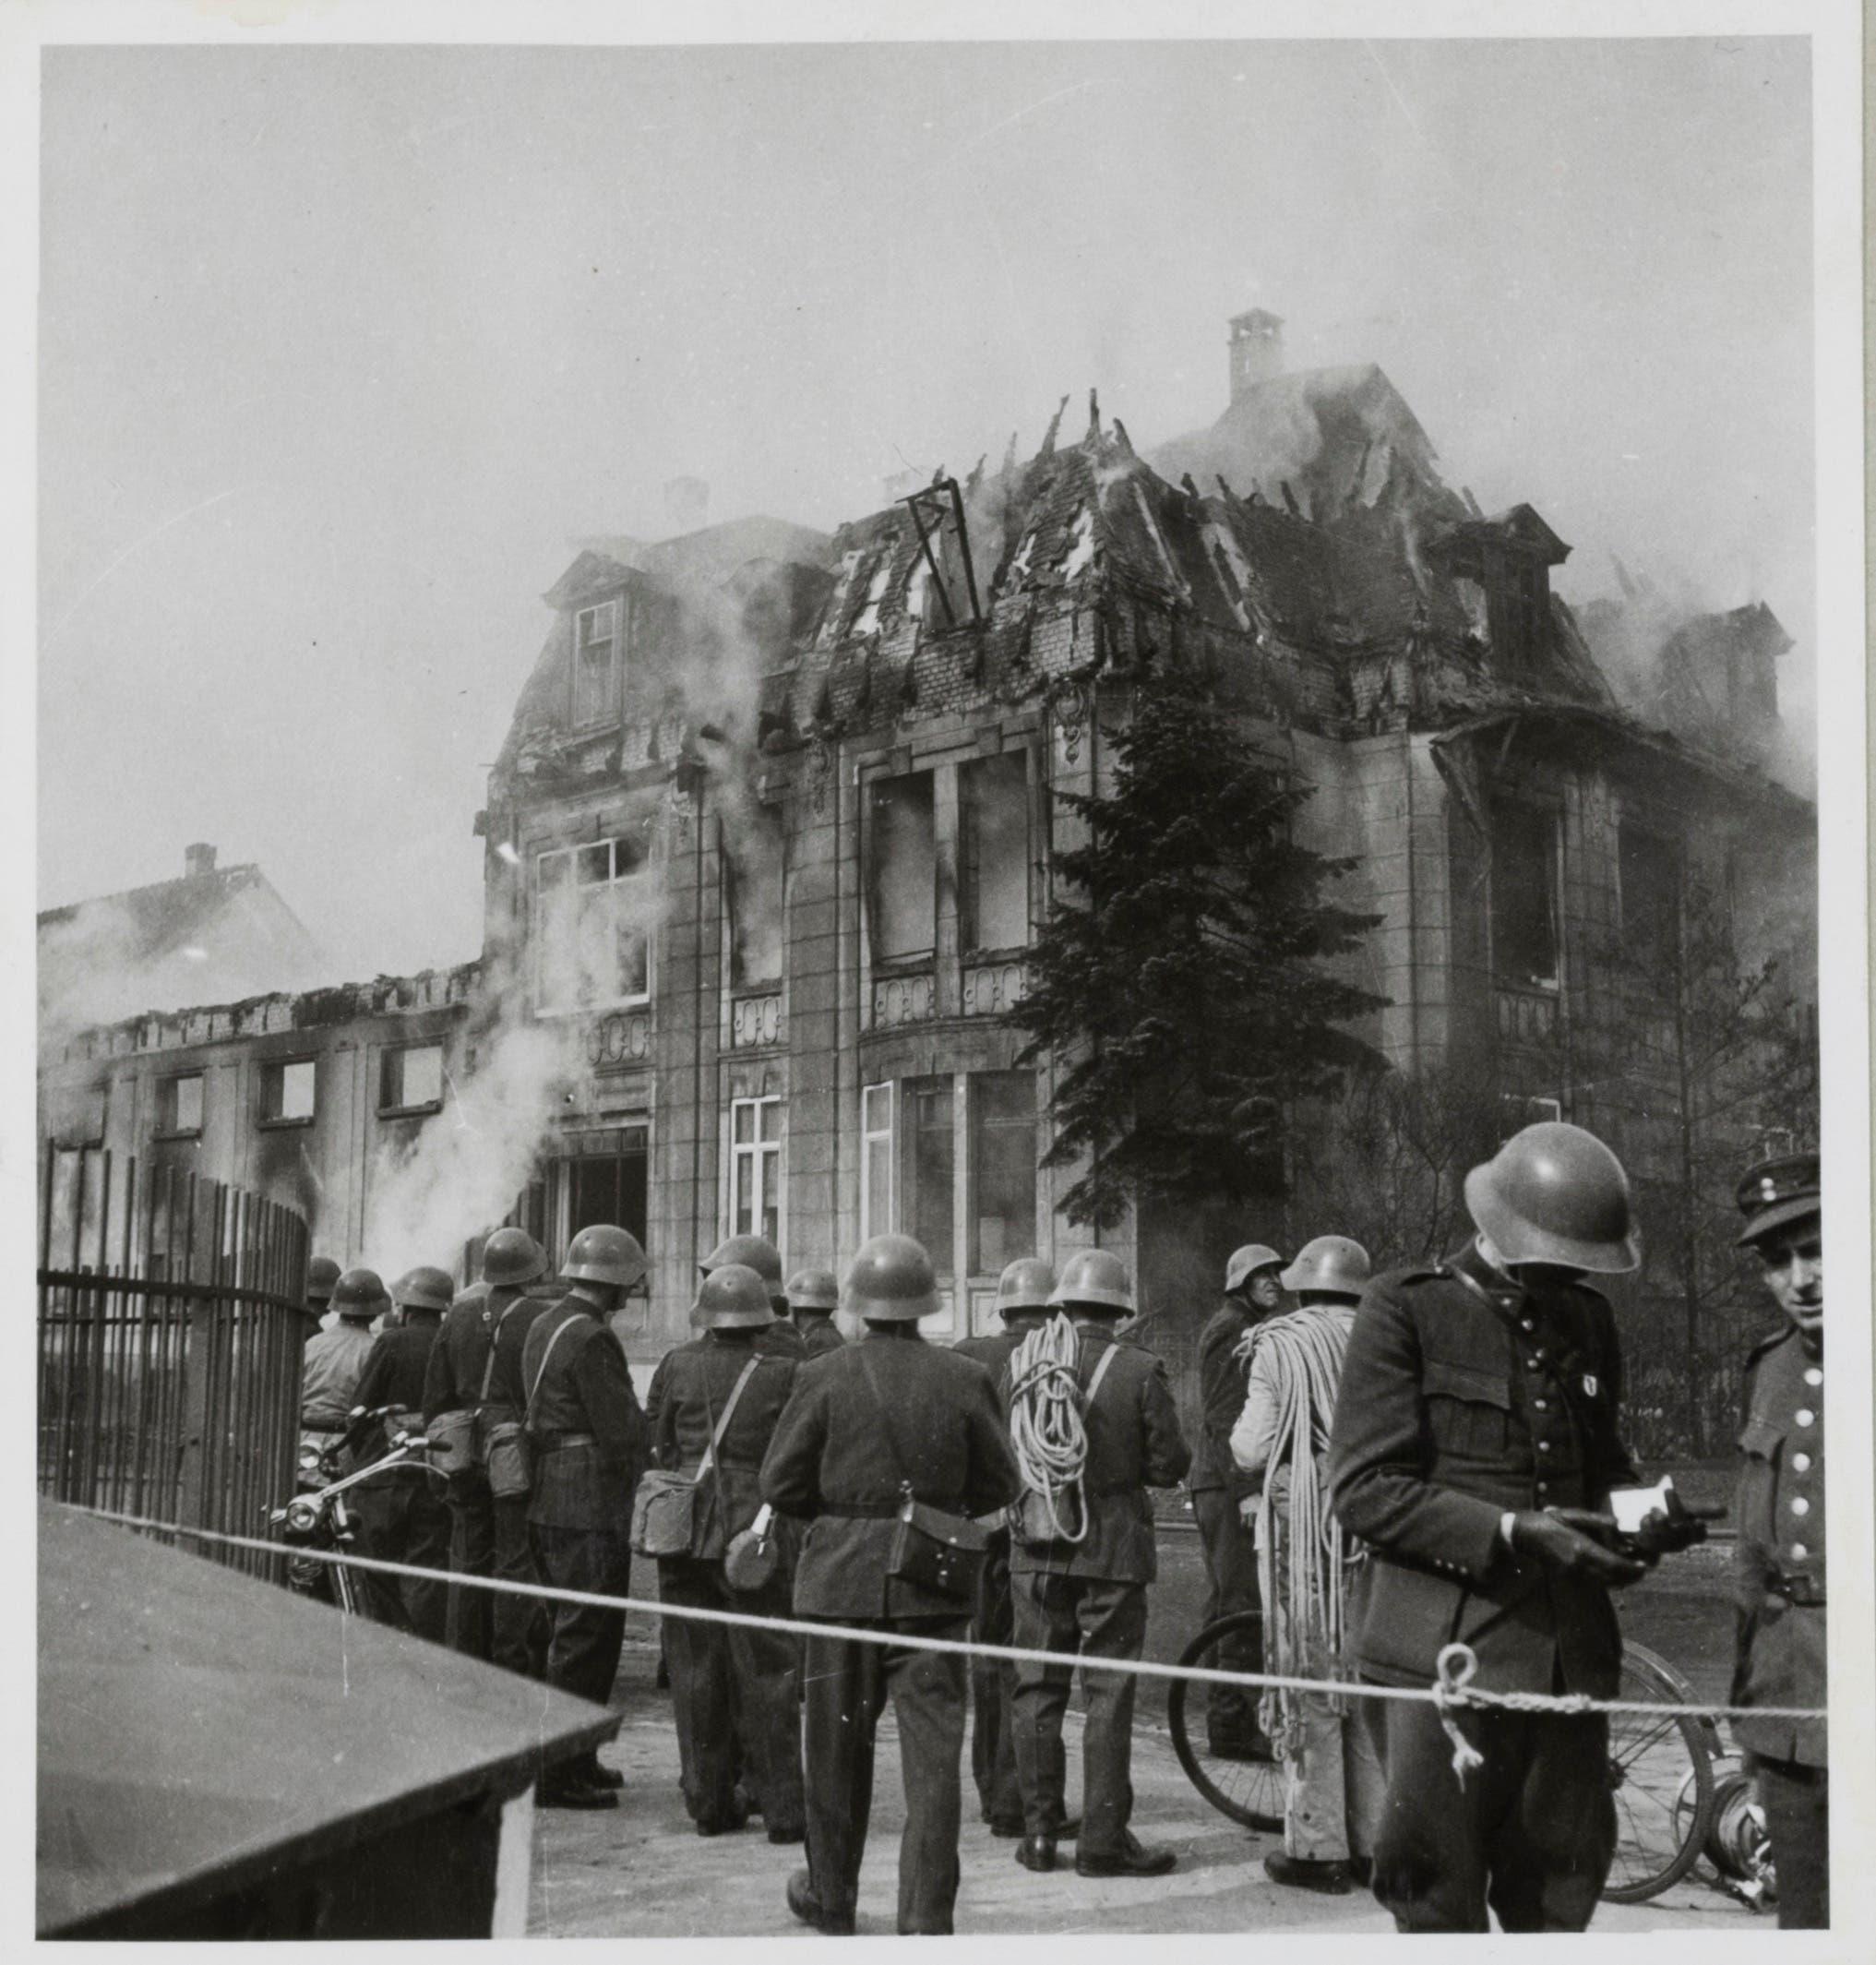 Bombardierung von Basel, 4. März 1945: Auch bei der schwer beschädigten Villa Rapp an der Hochstrasse 100 versuchen die Rettungskräfte, die Feuer einzudämmen.